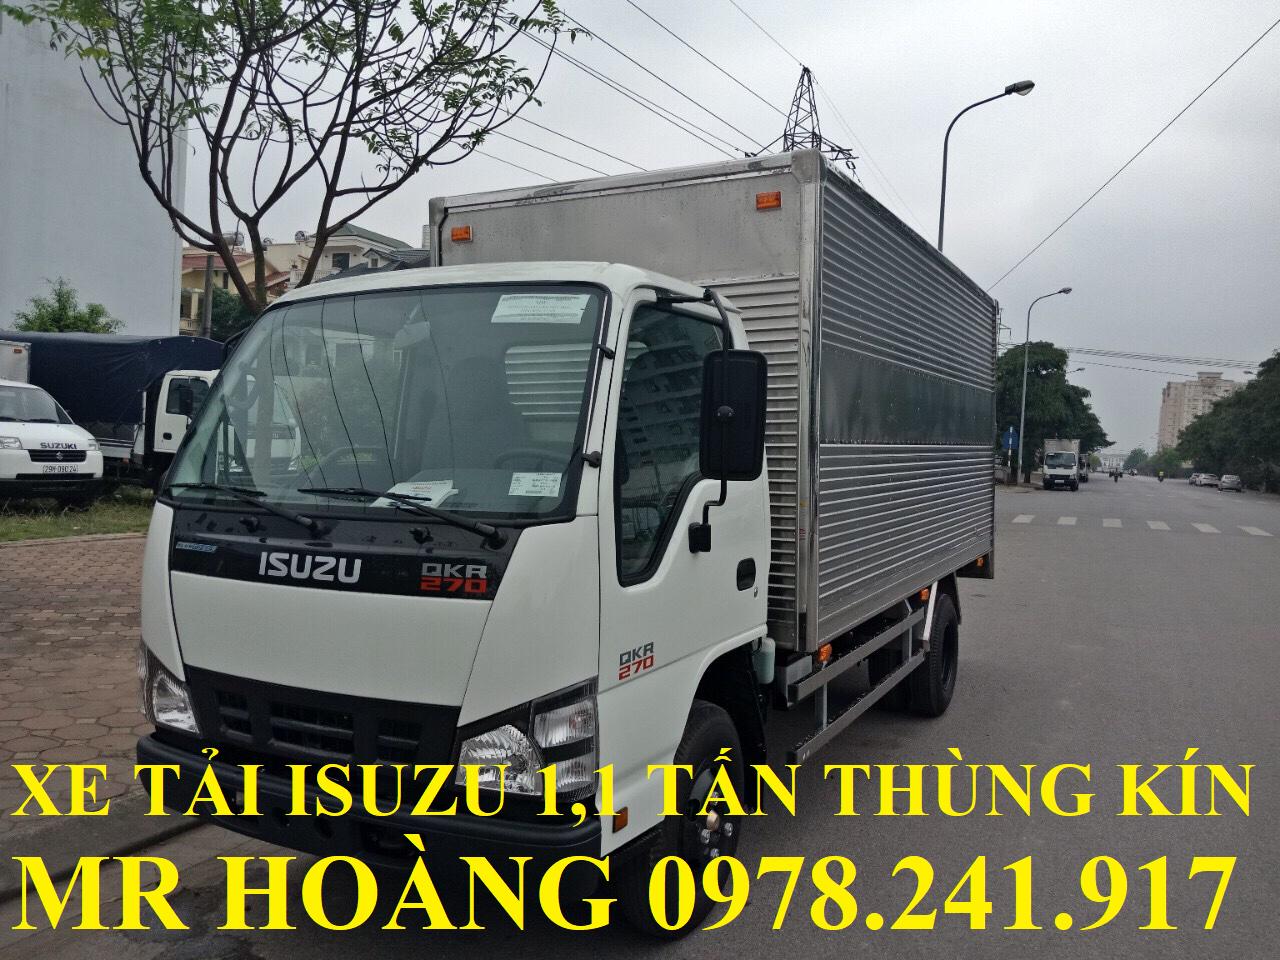 xe tải isuzu 1,1 tấn qkr77fe4 thùng kín